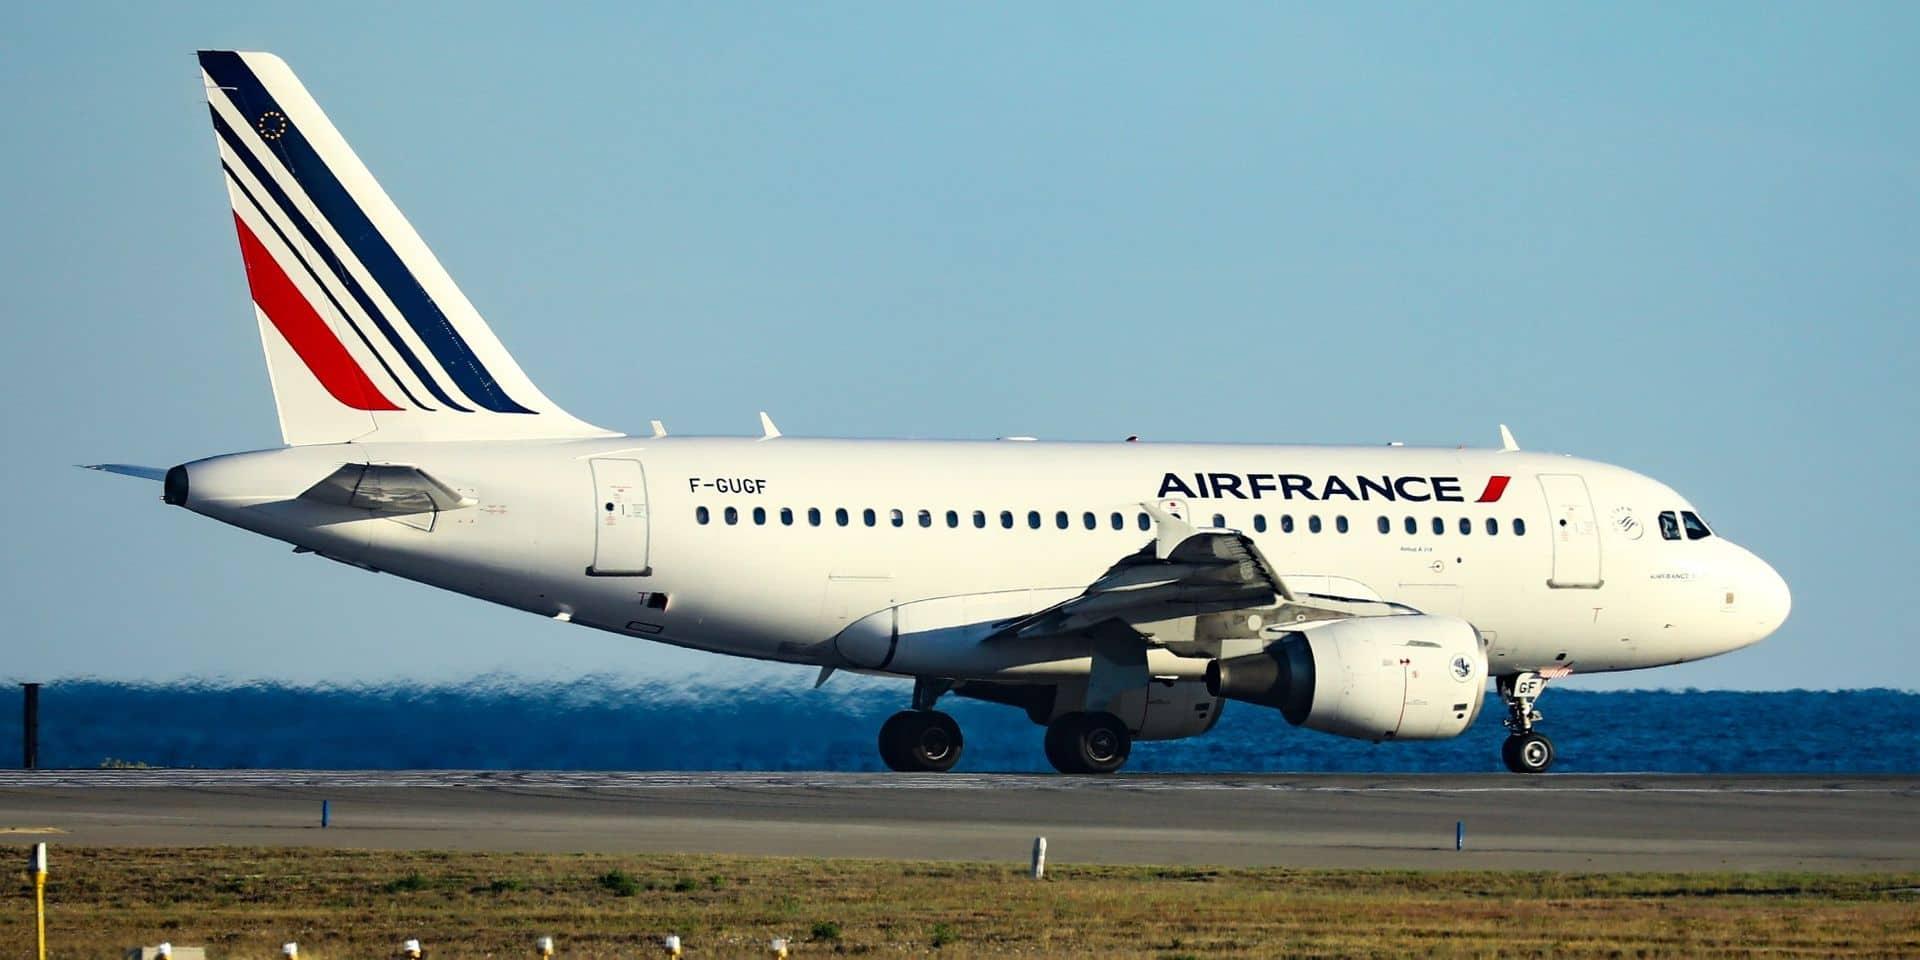 7 milliards d'euros d'aides pour Air France, mais aucune précision sur les mesures sociales et environnementales